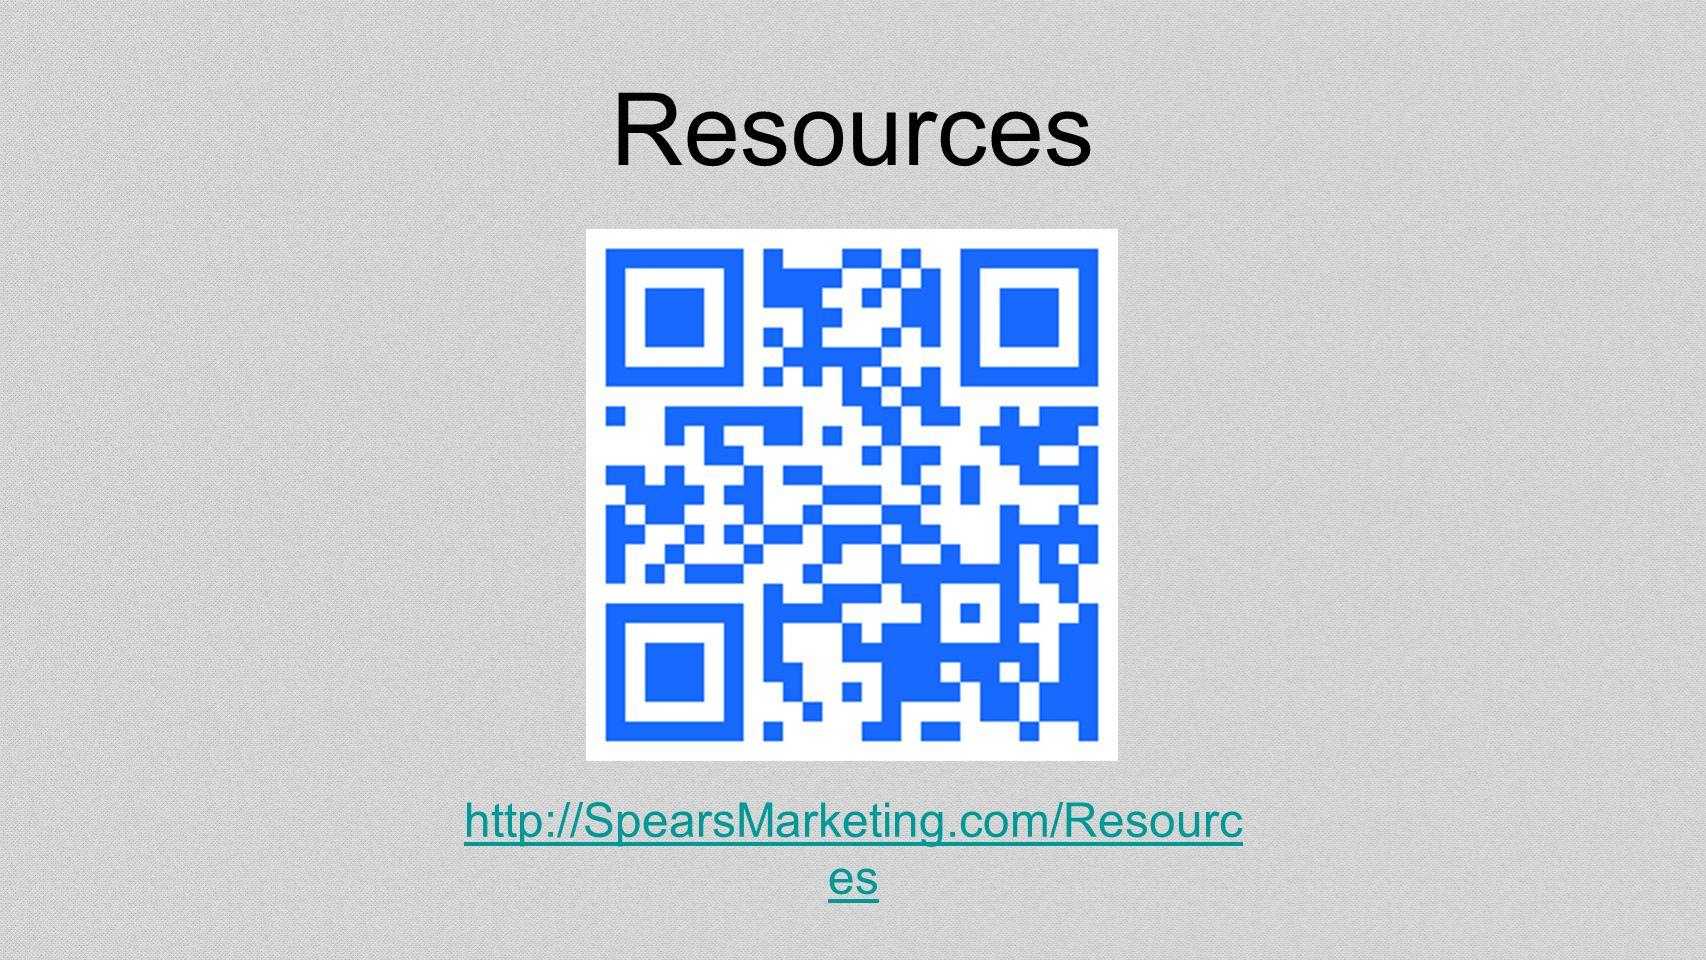 Resources http://SpearsMarketing.com/Resourc es